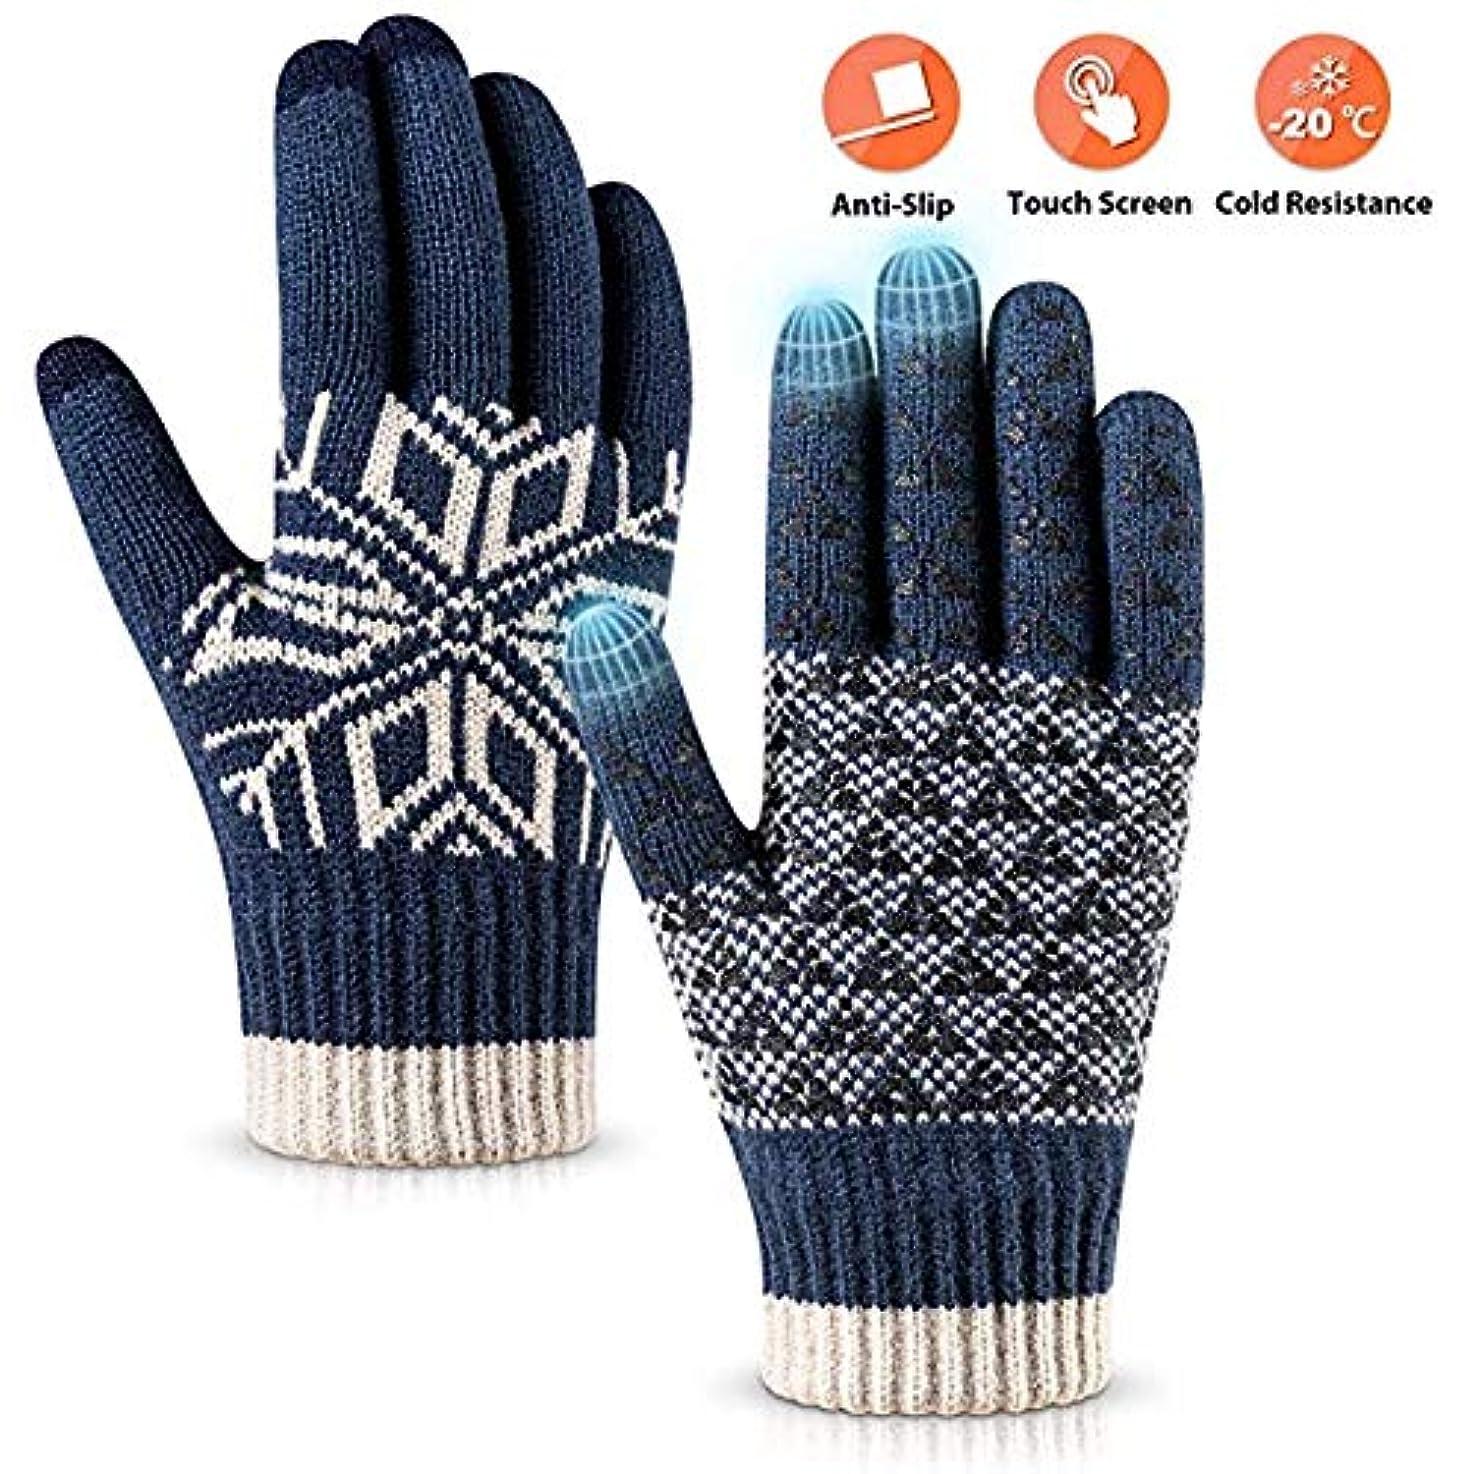 シャイニング原子初期の冬の手袋暖かいタッチスクリーンニット手袋、サーマルソフトウールライニング弾性カフ、滑り止めラバーデザイン - メンズ女性のための肥厚暖かい手袋,ブルー